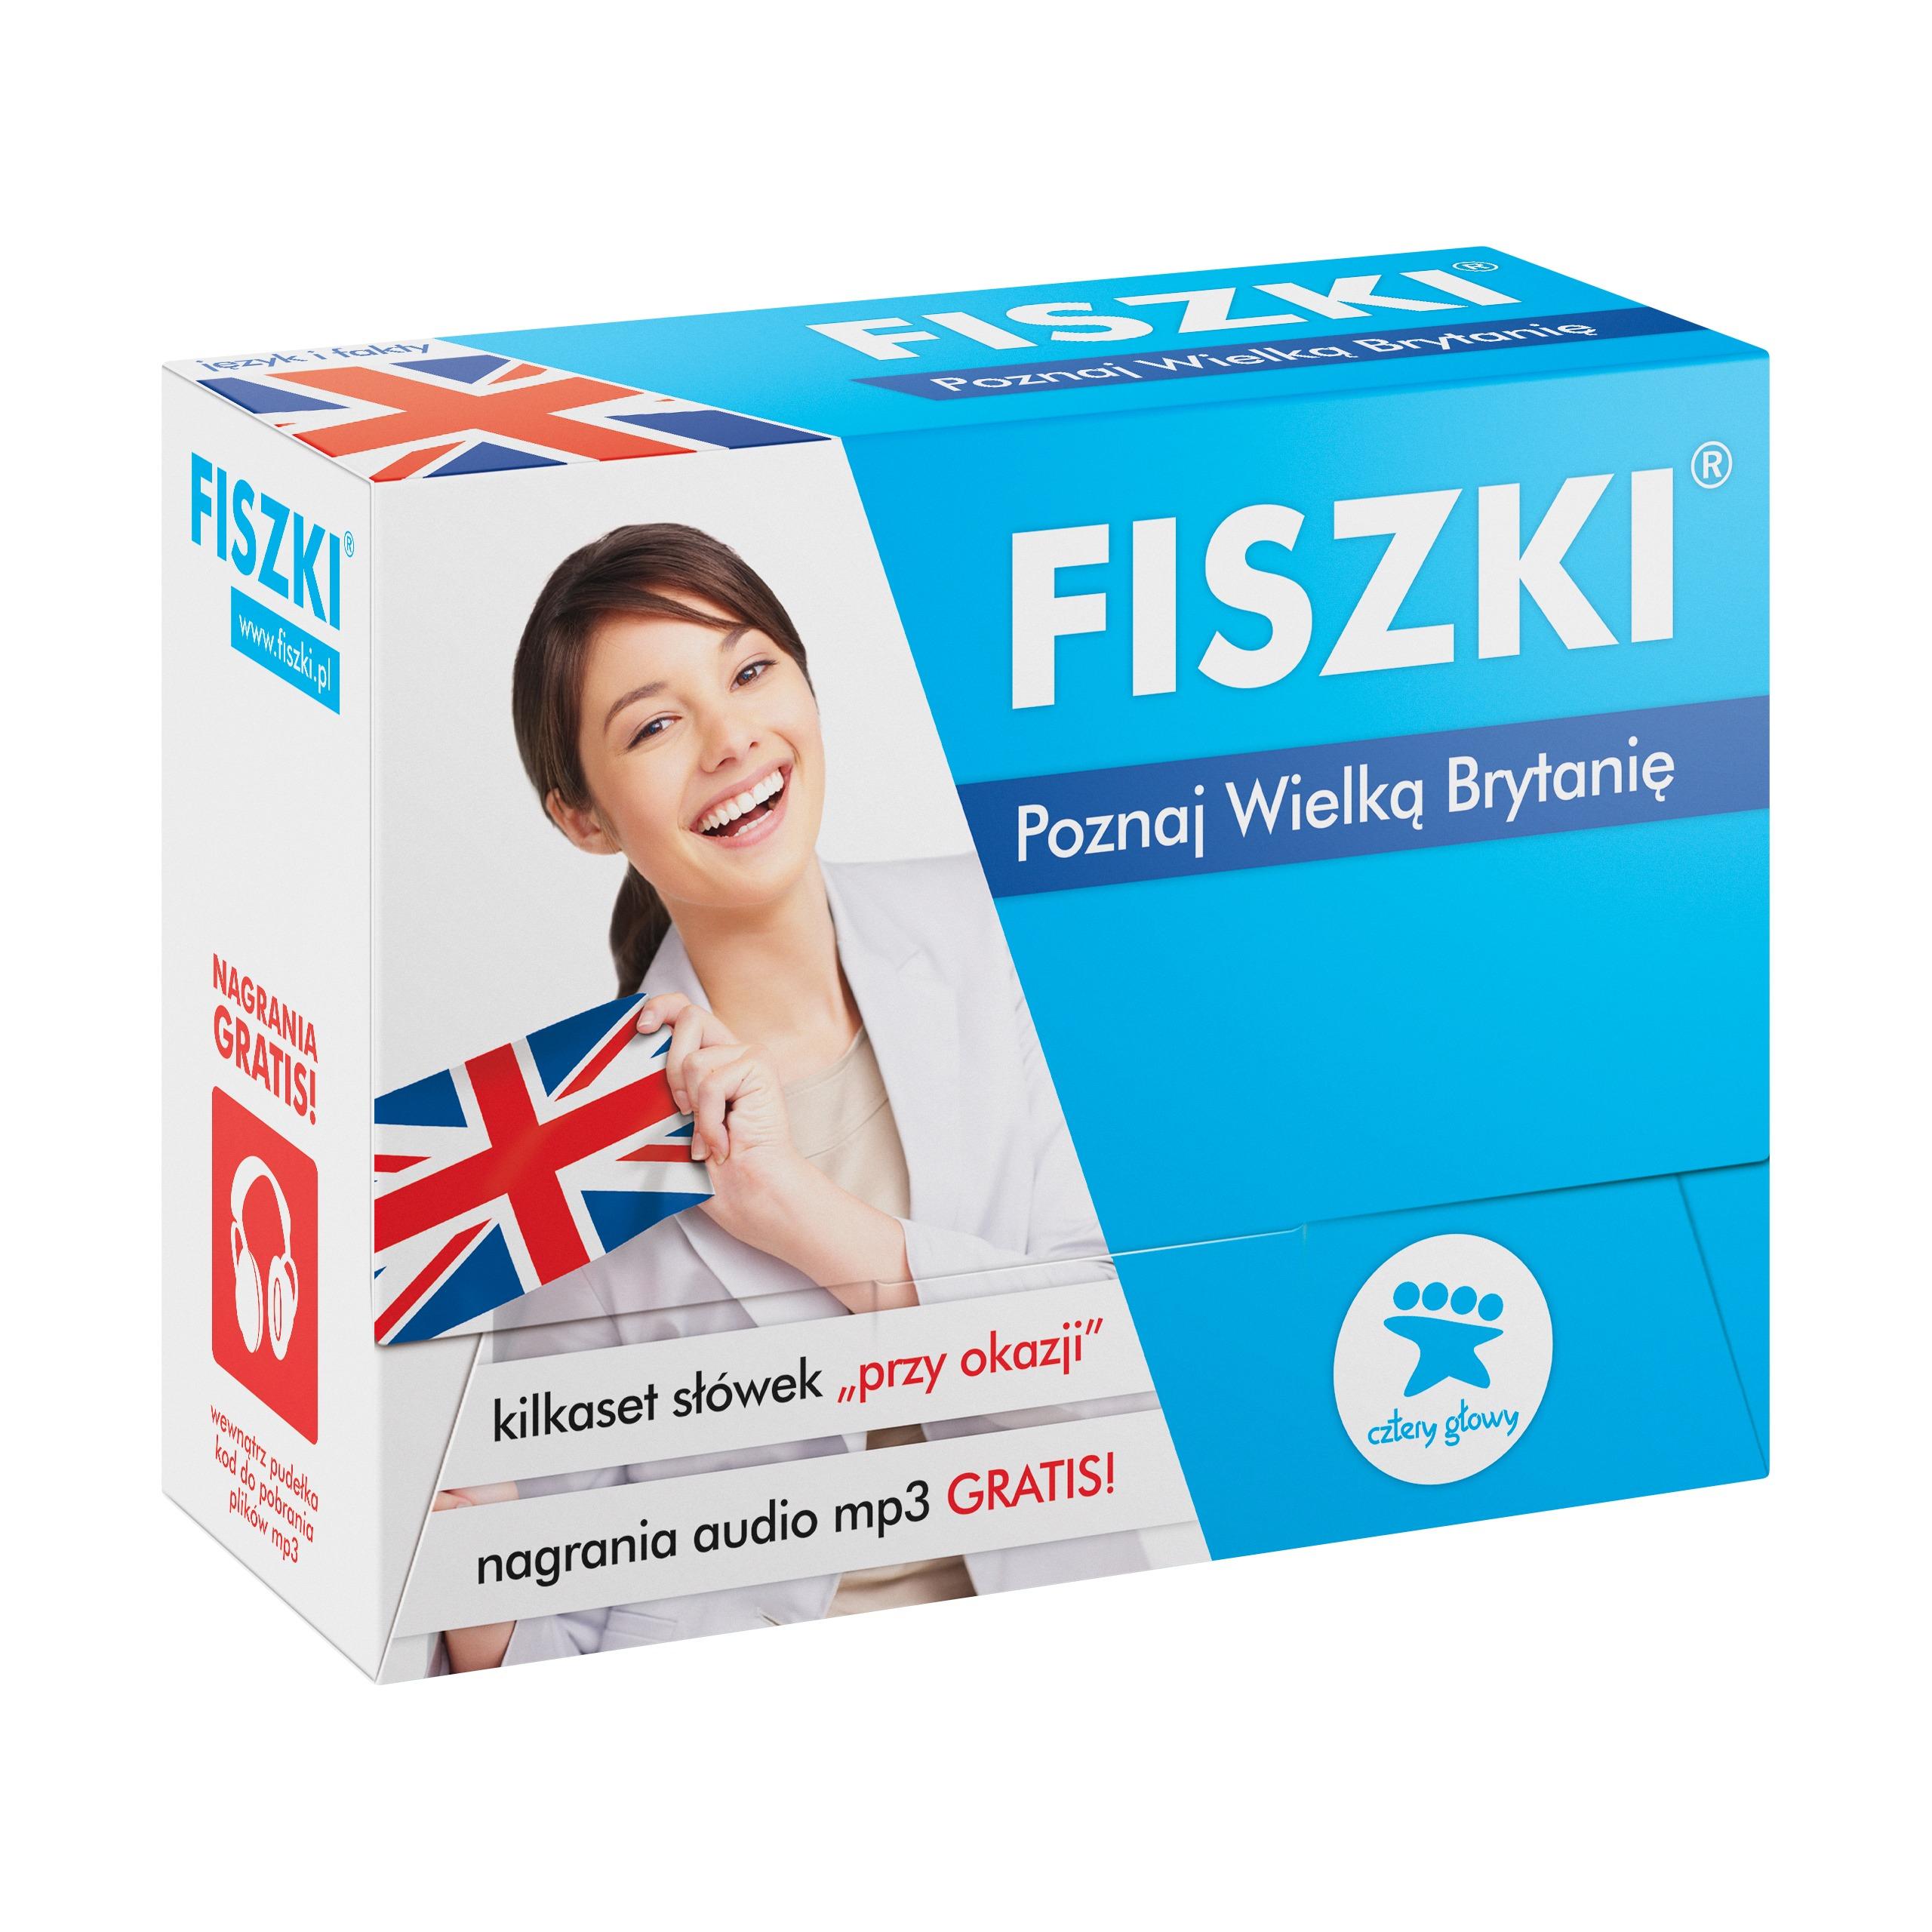 FISZKI - angielski - Poznaj Wielką Brytanię